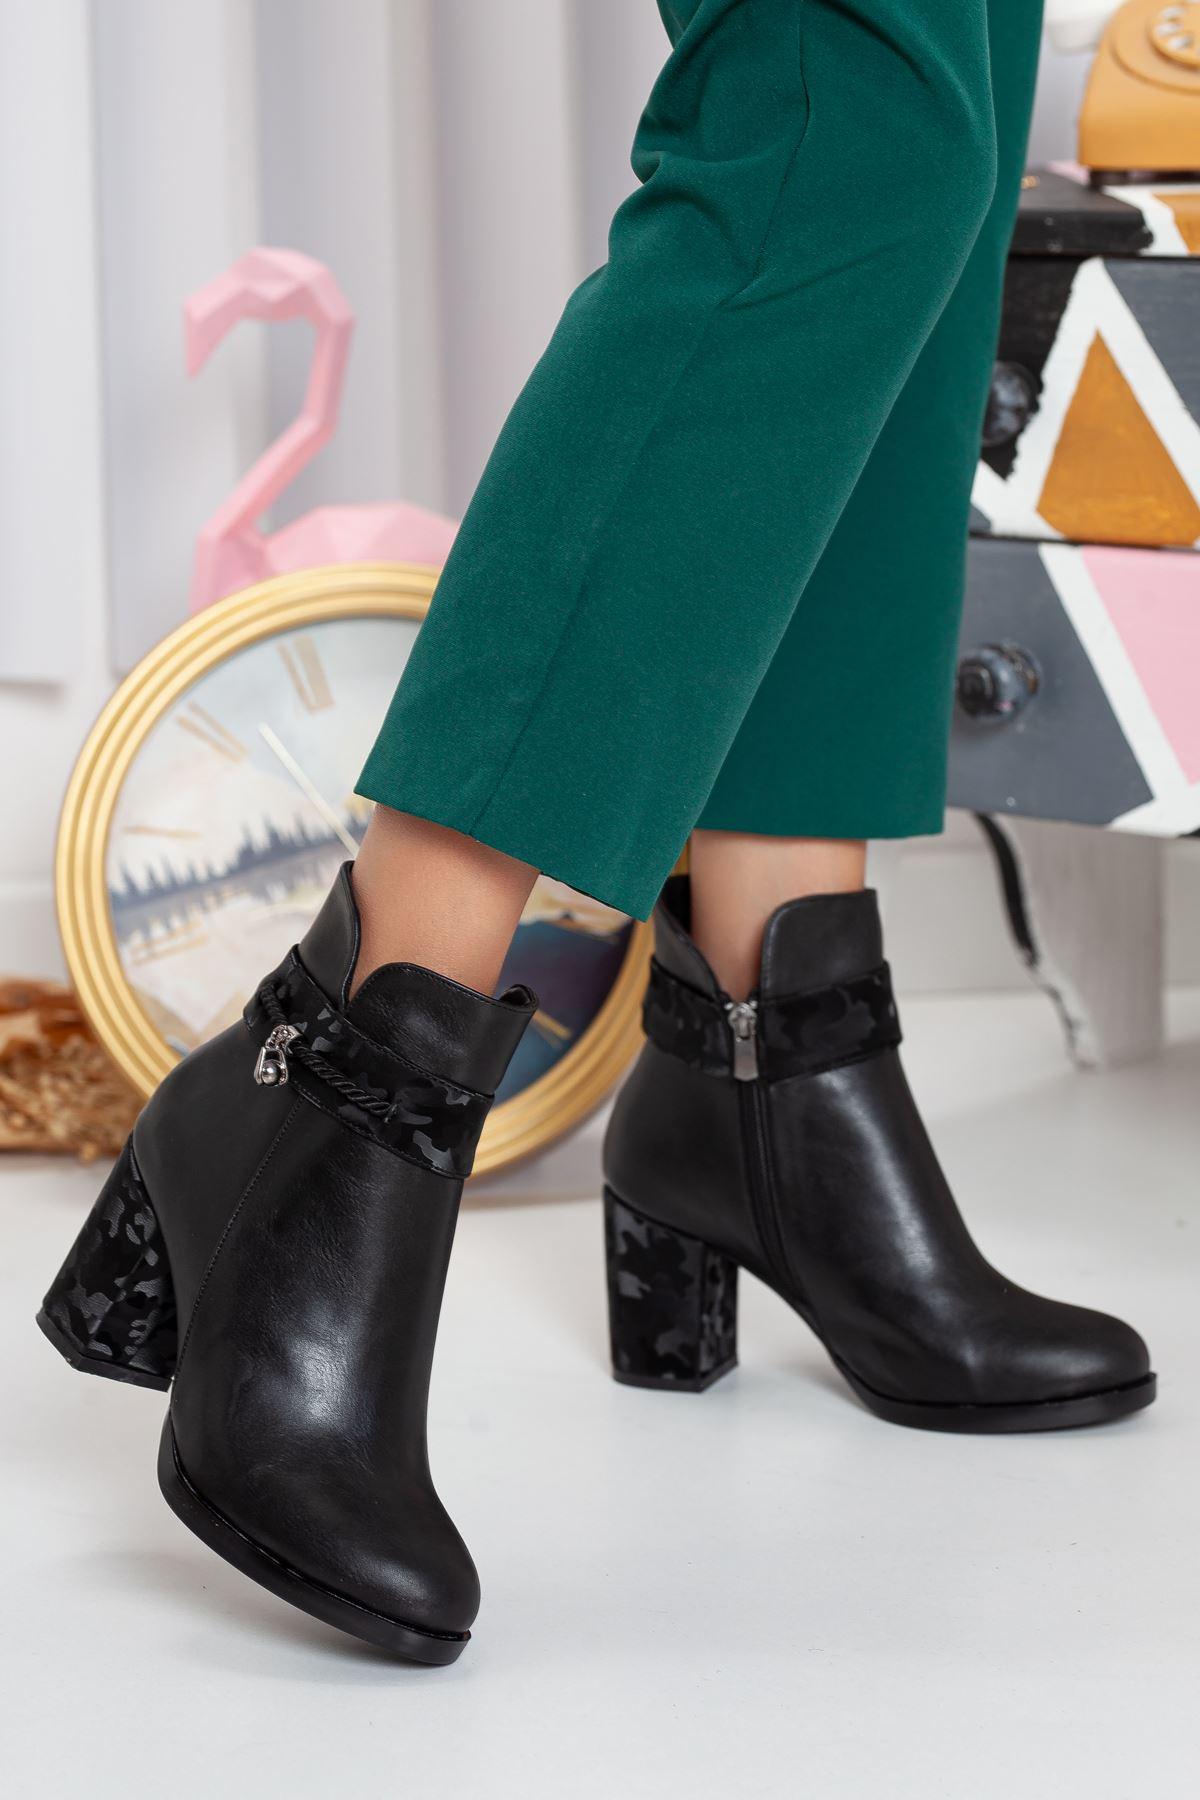 Bobi Kadın Topuklu Bot SİYAH CİLT